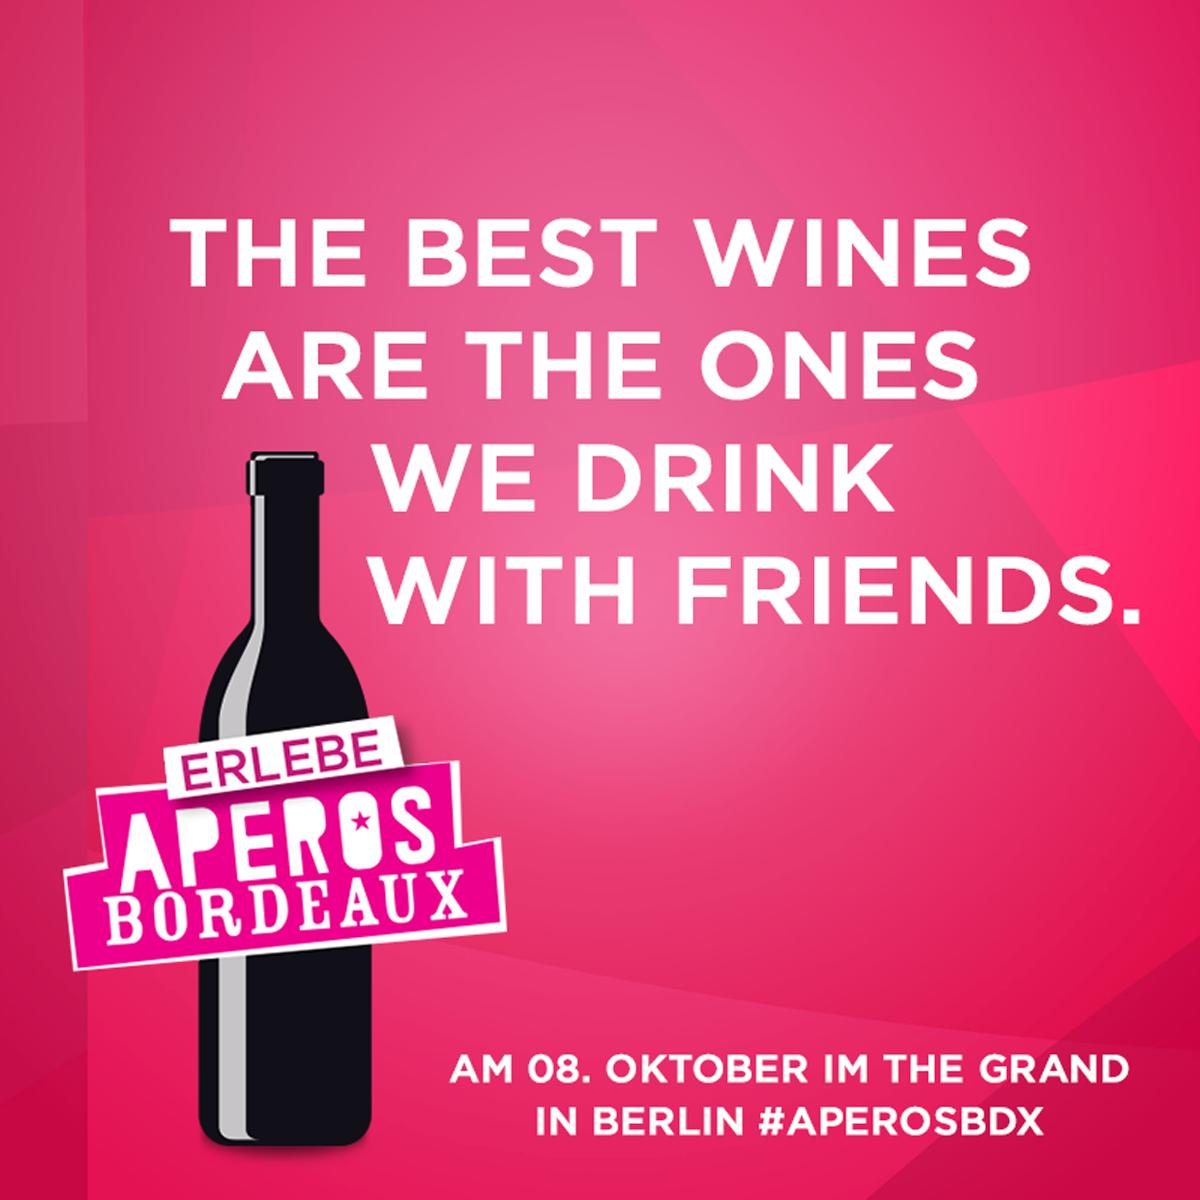 Apéros Bordeaux – Wine tasting in Berlin